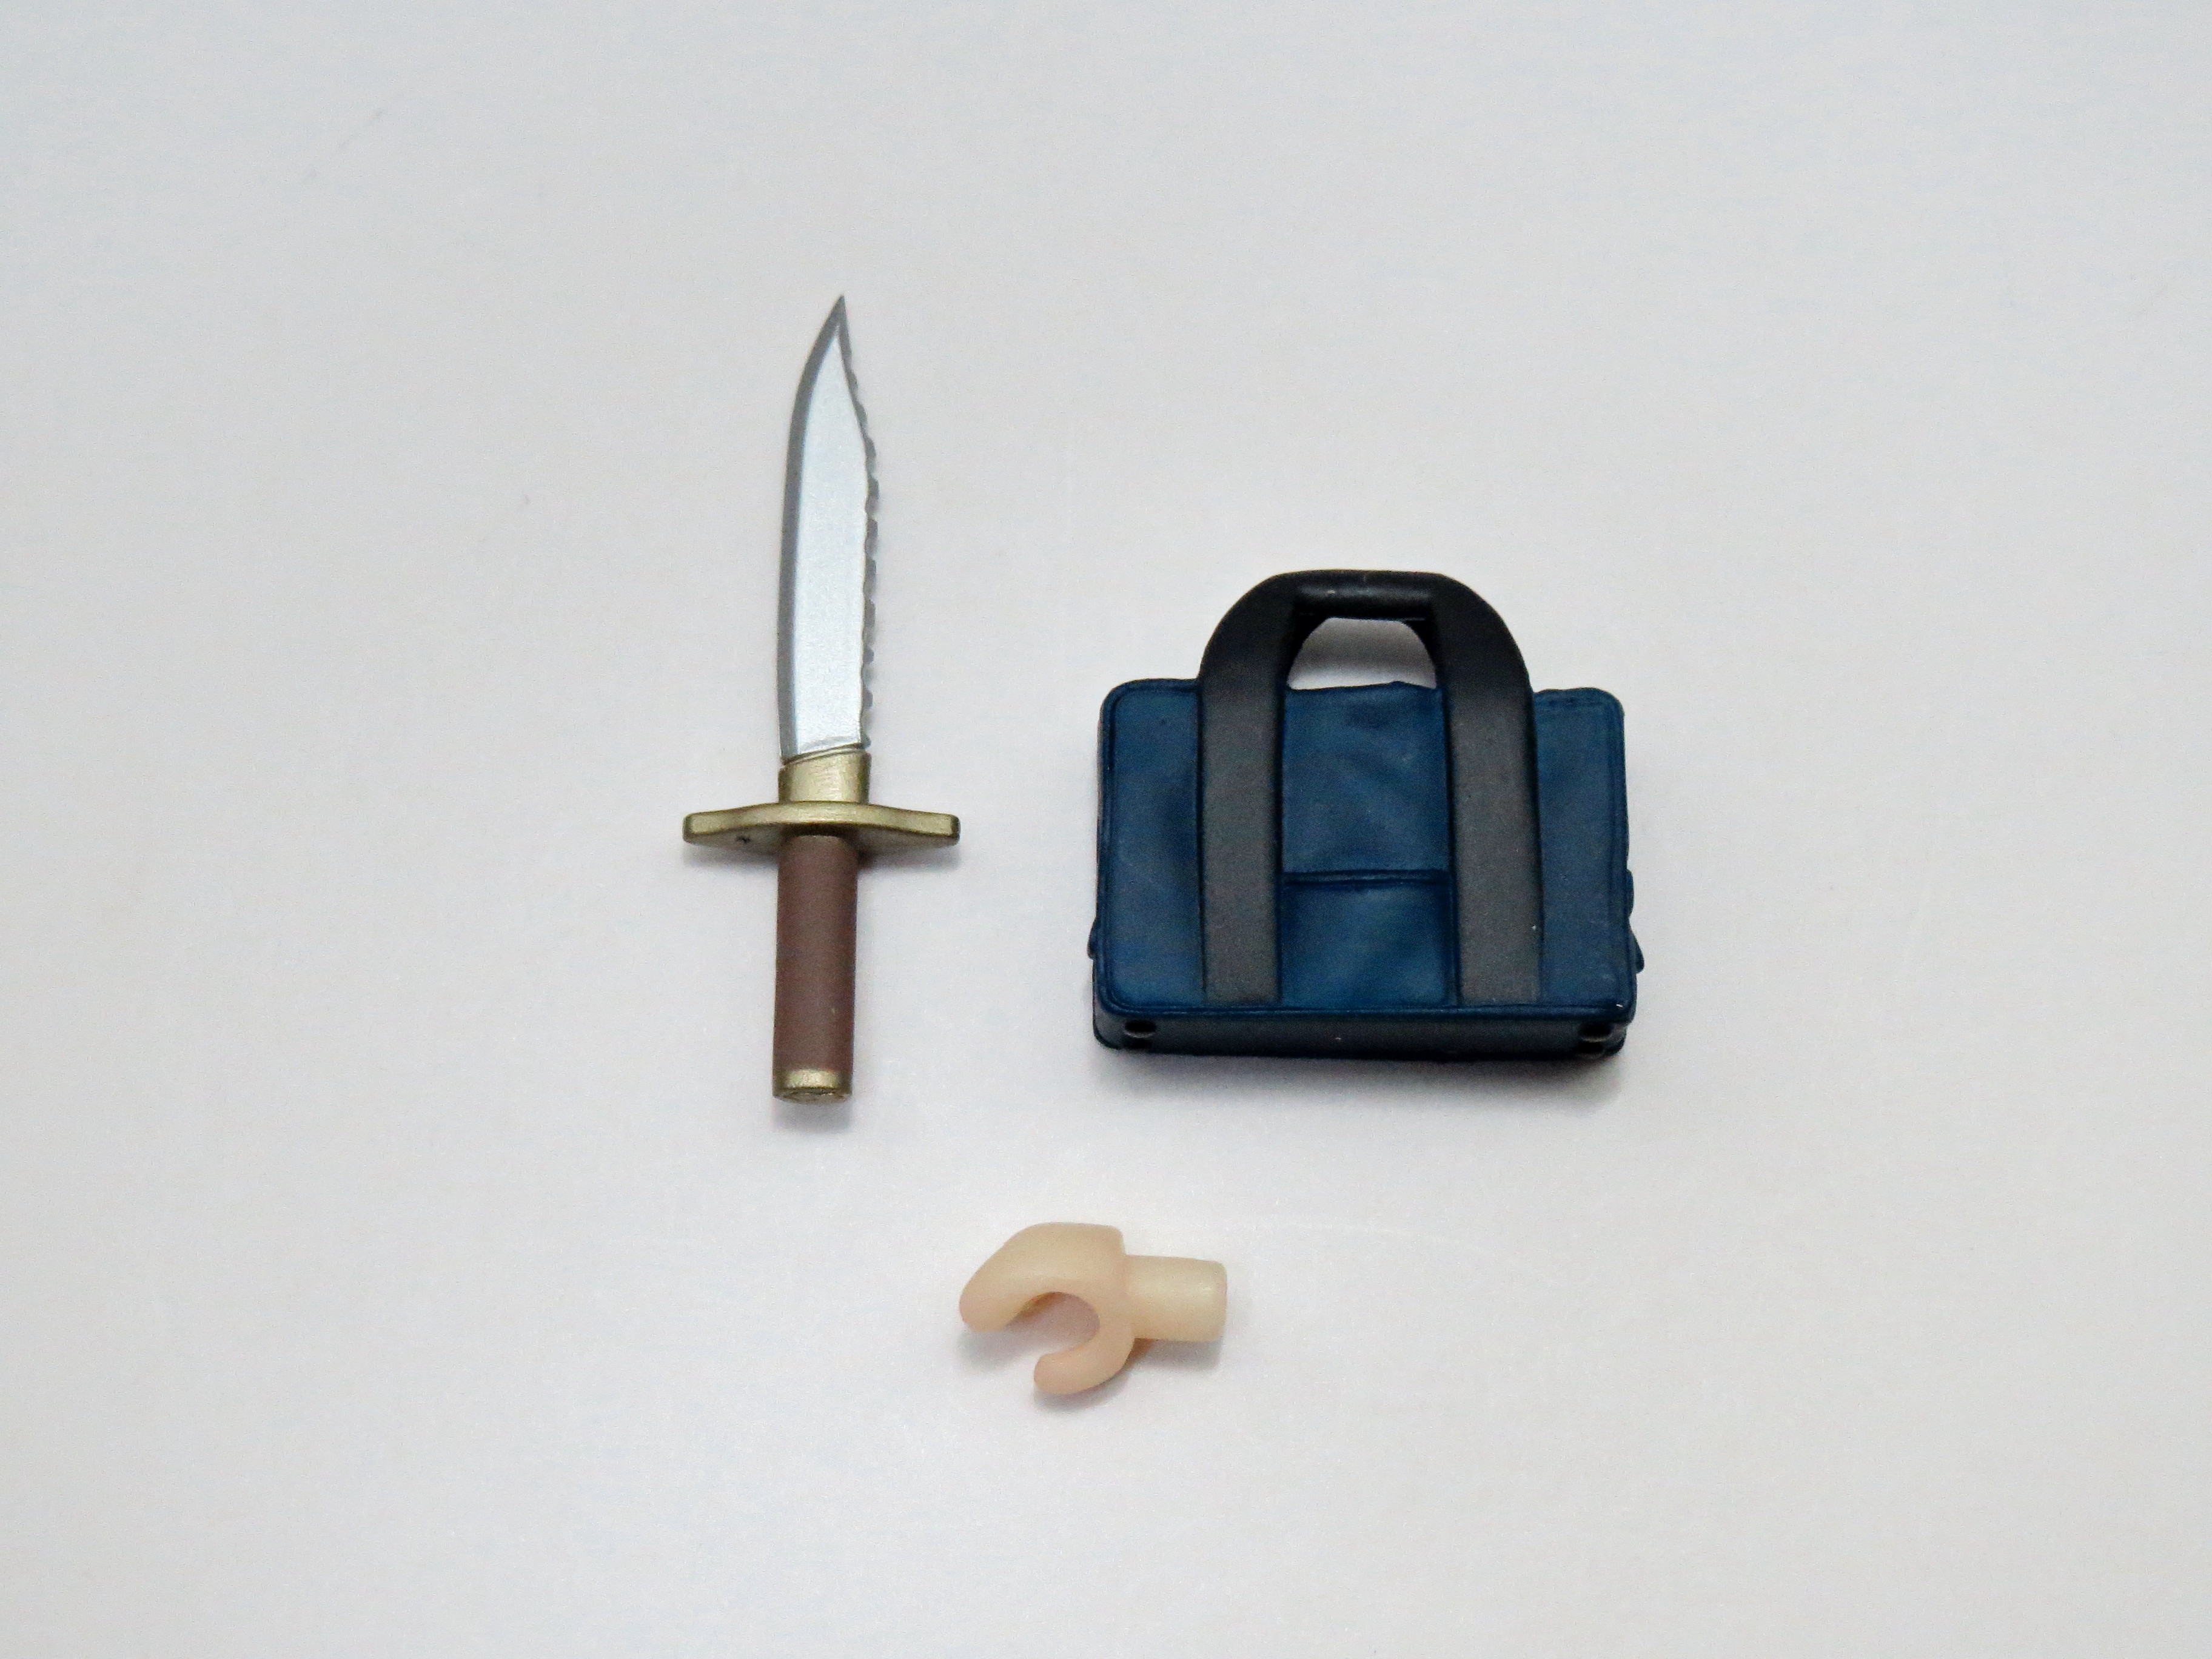 再入荷【044】 朝倉涼子&拡張パーツ 小物パーツ ナイフとカバン ねんどろいど